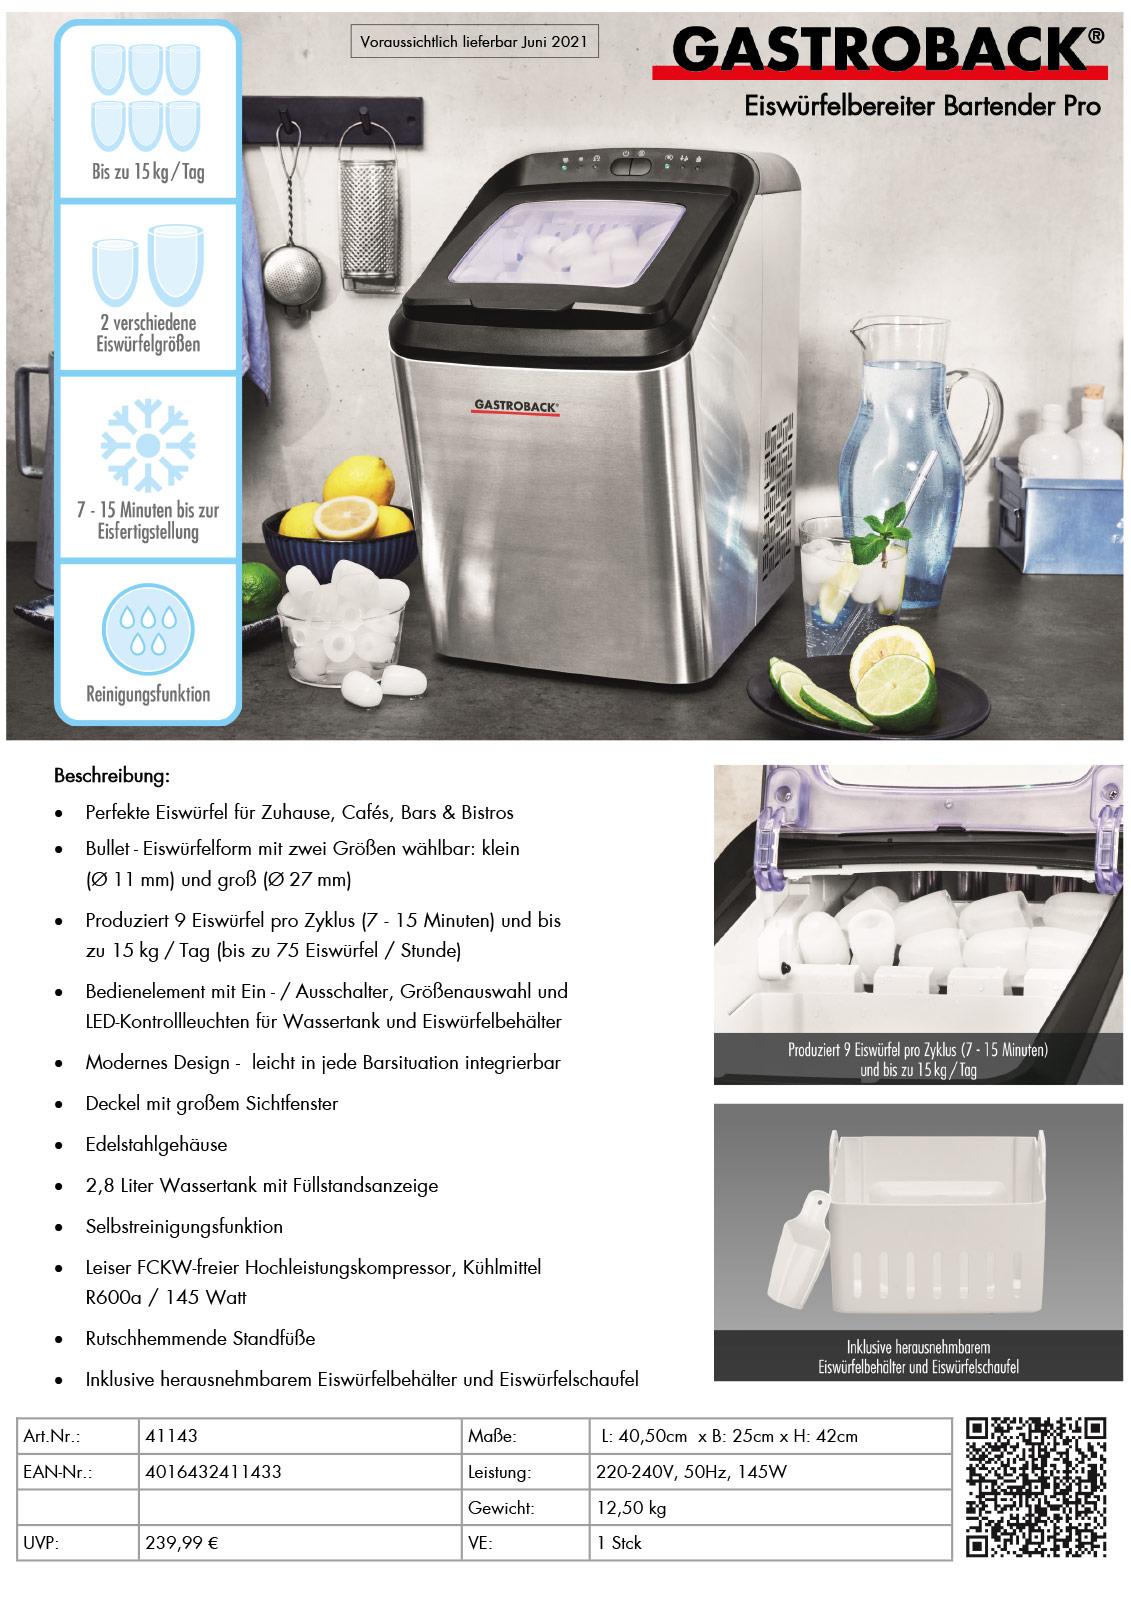 Gastroback Eiswürfelbereiter Bartender Pro Produktblatt